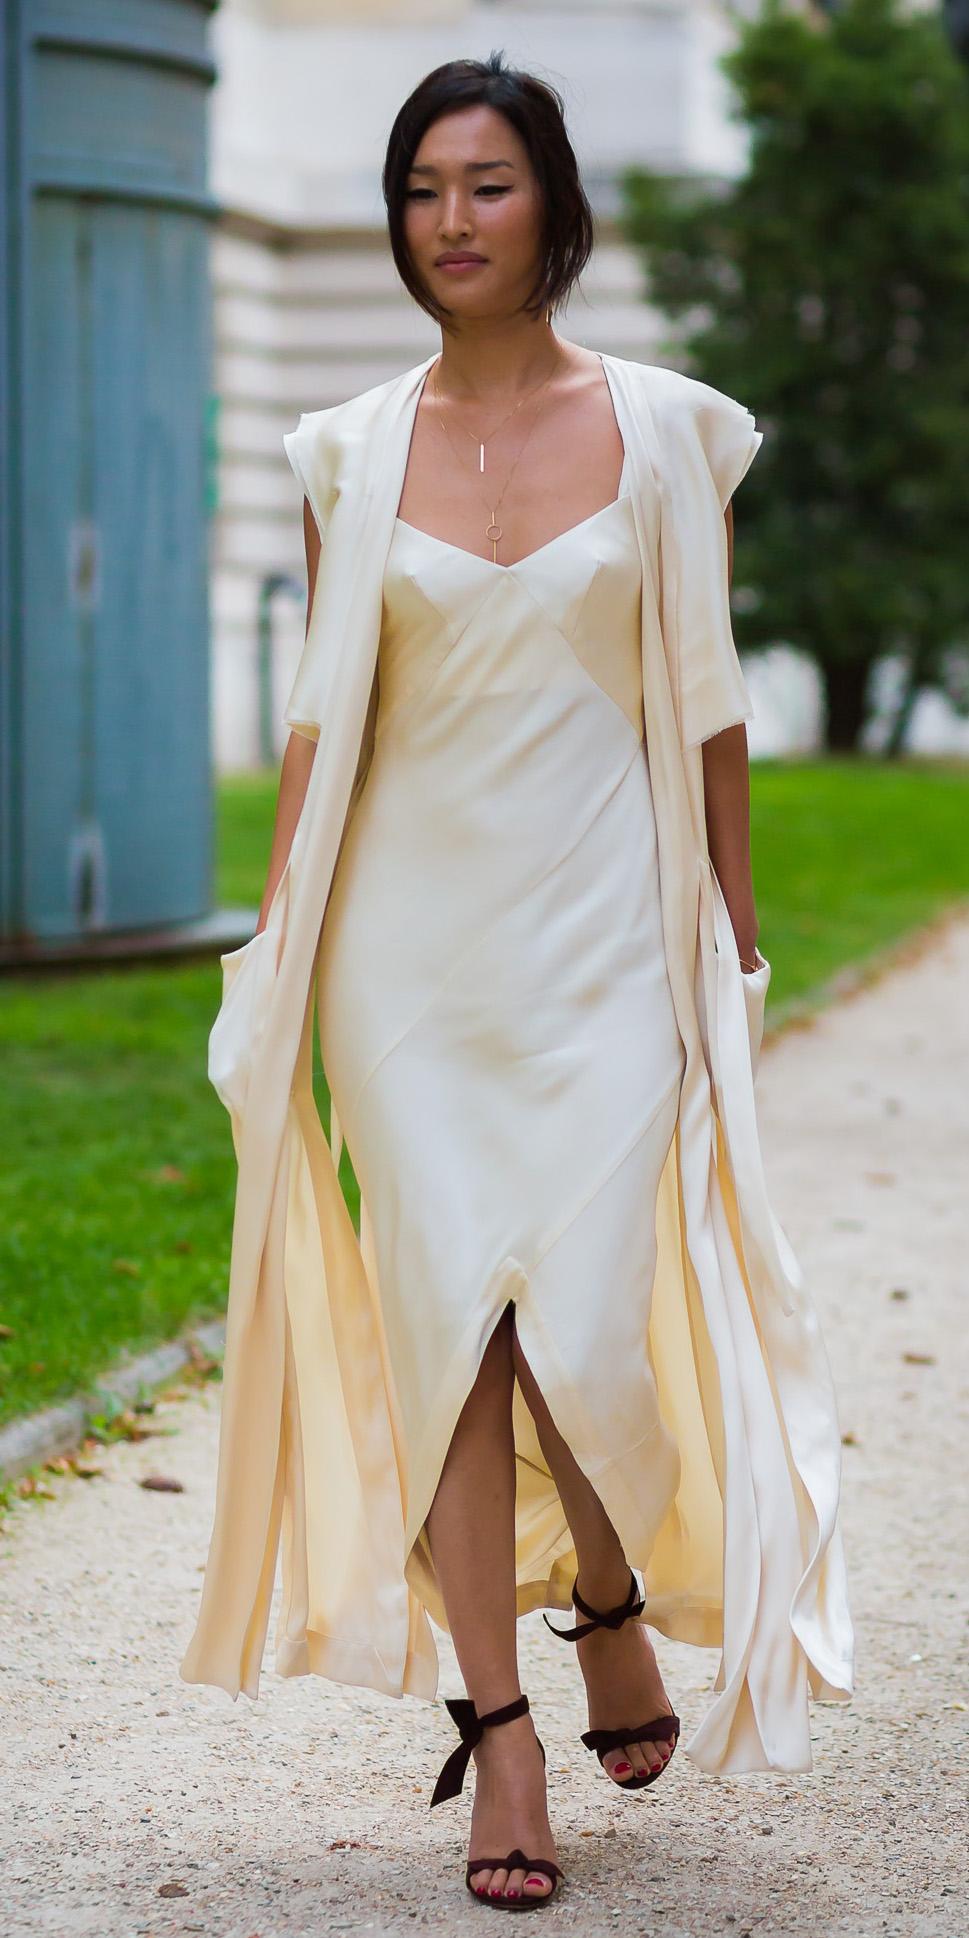 white-dress-slip-silk-white-vest-knit-maxi-brun-necklace-black-shoe-sandalh-spring-summer-dinner.jpg